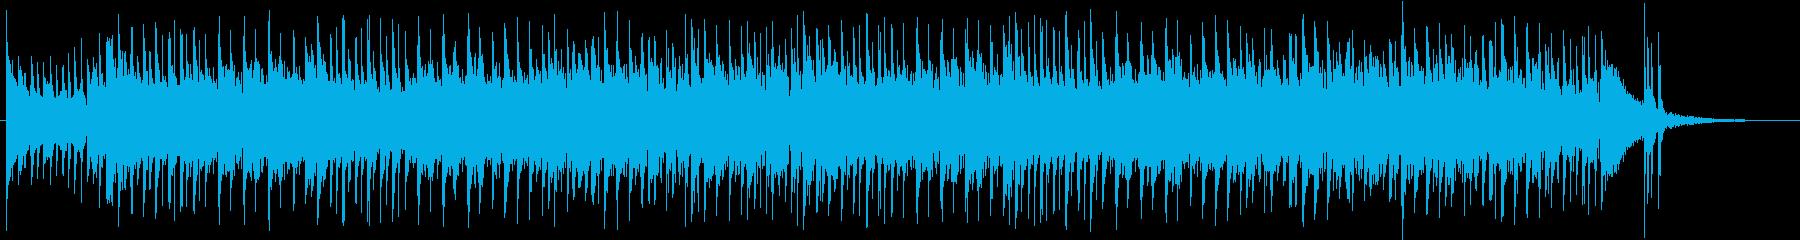 急いで朝の身支度をして出発するBGMの再生済みの波形